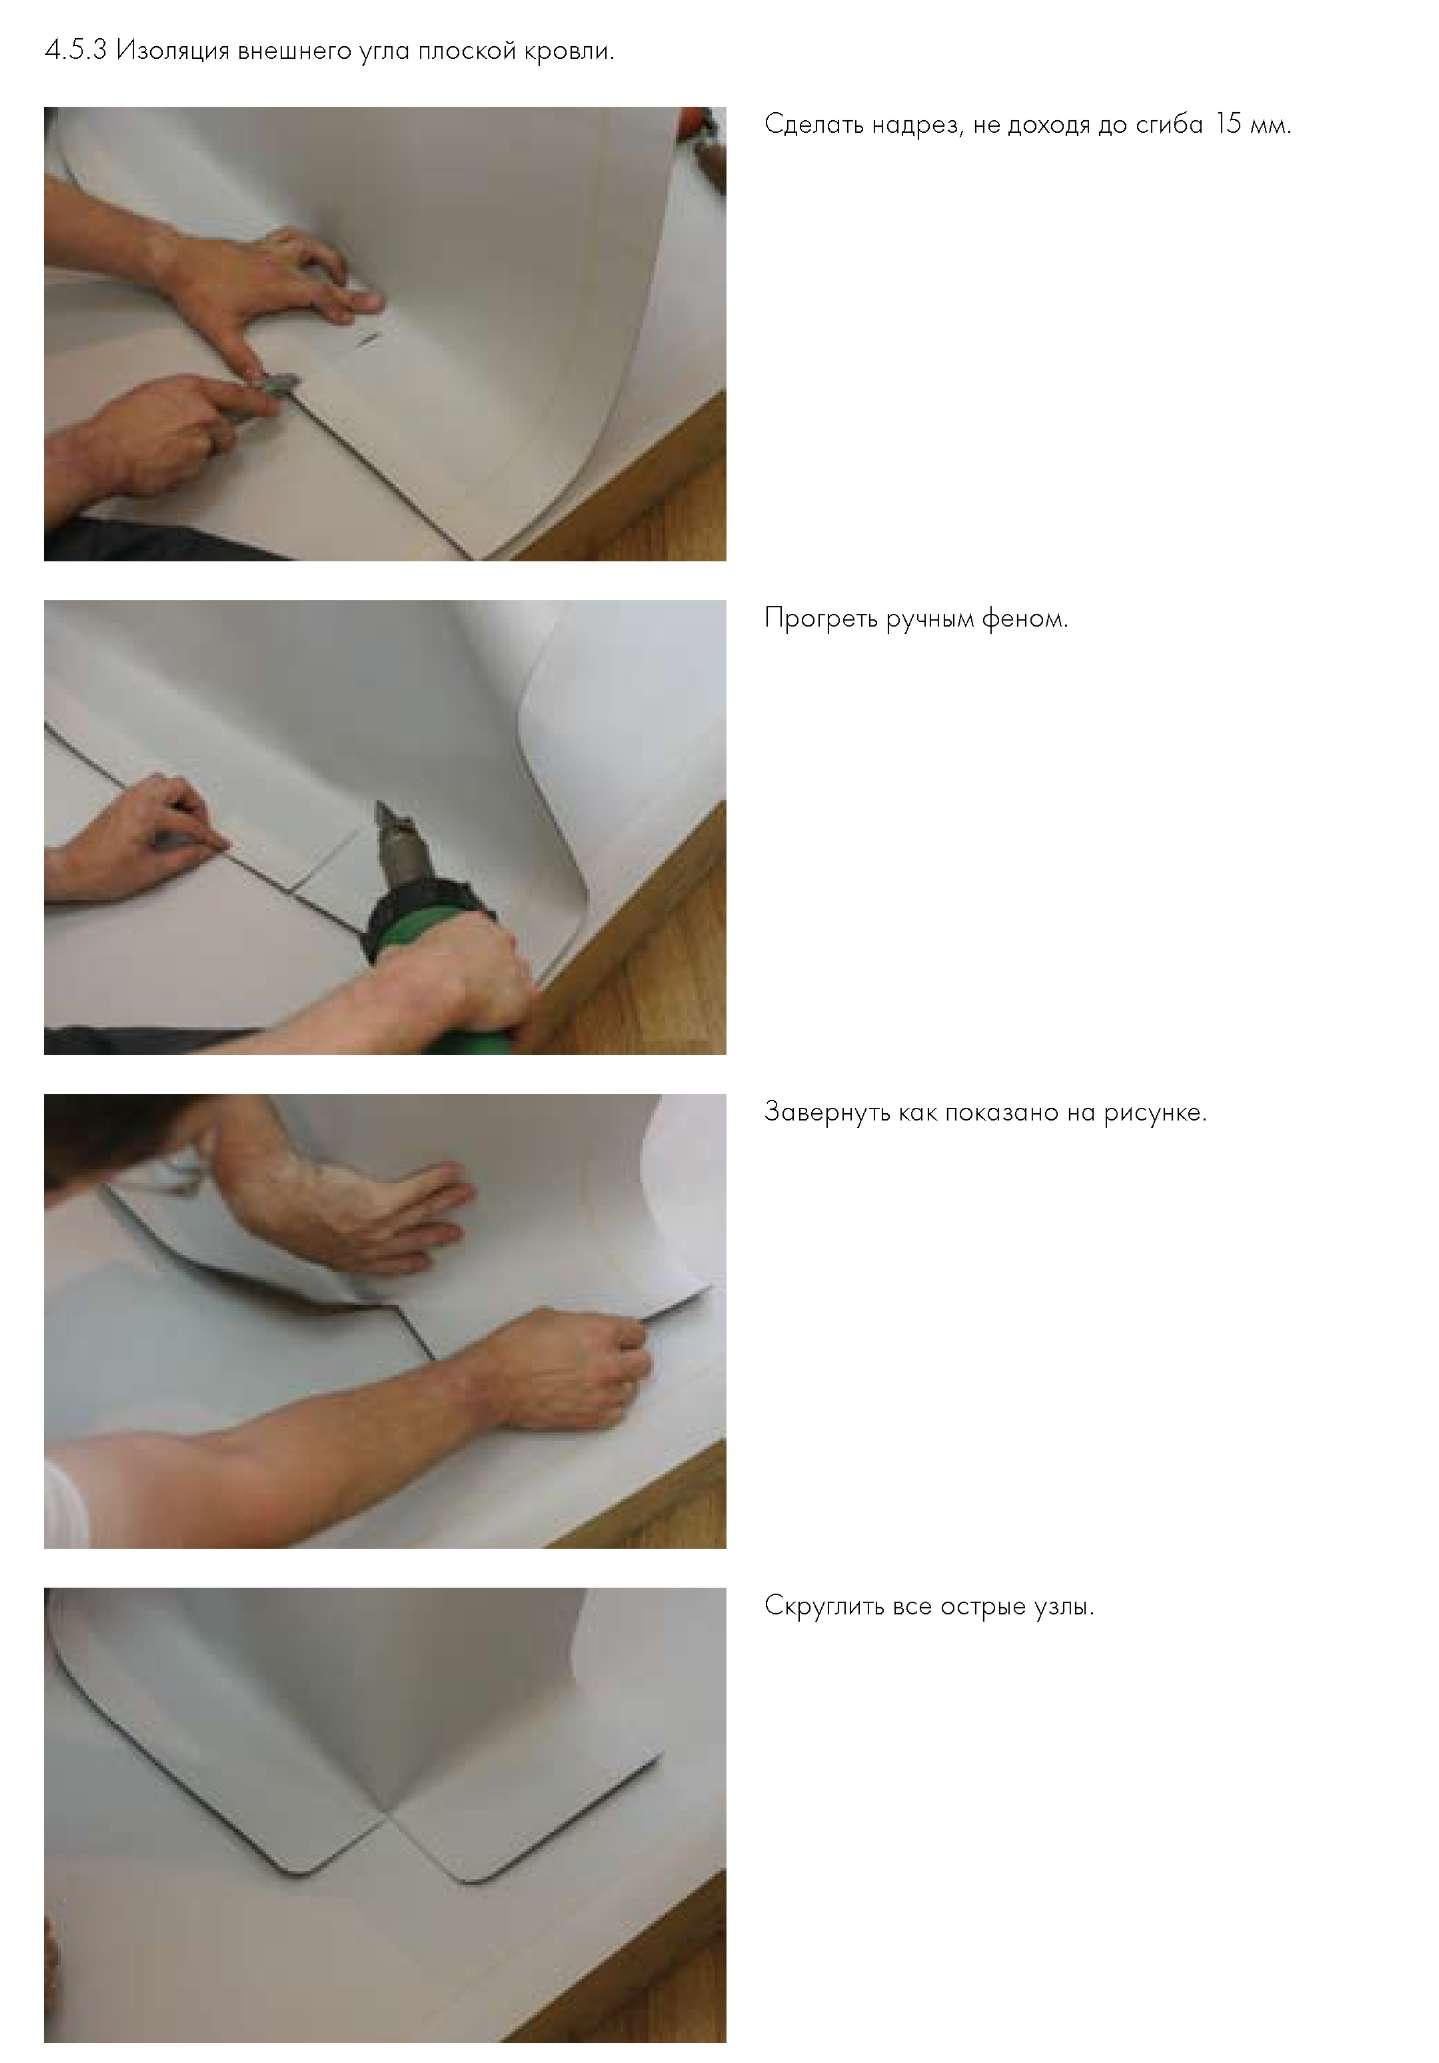 стеклоткань укладка в кровле